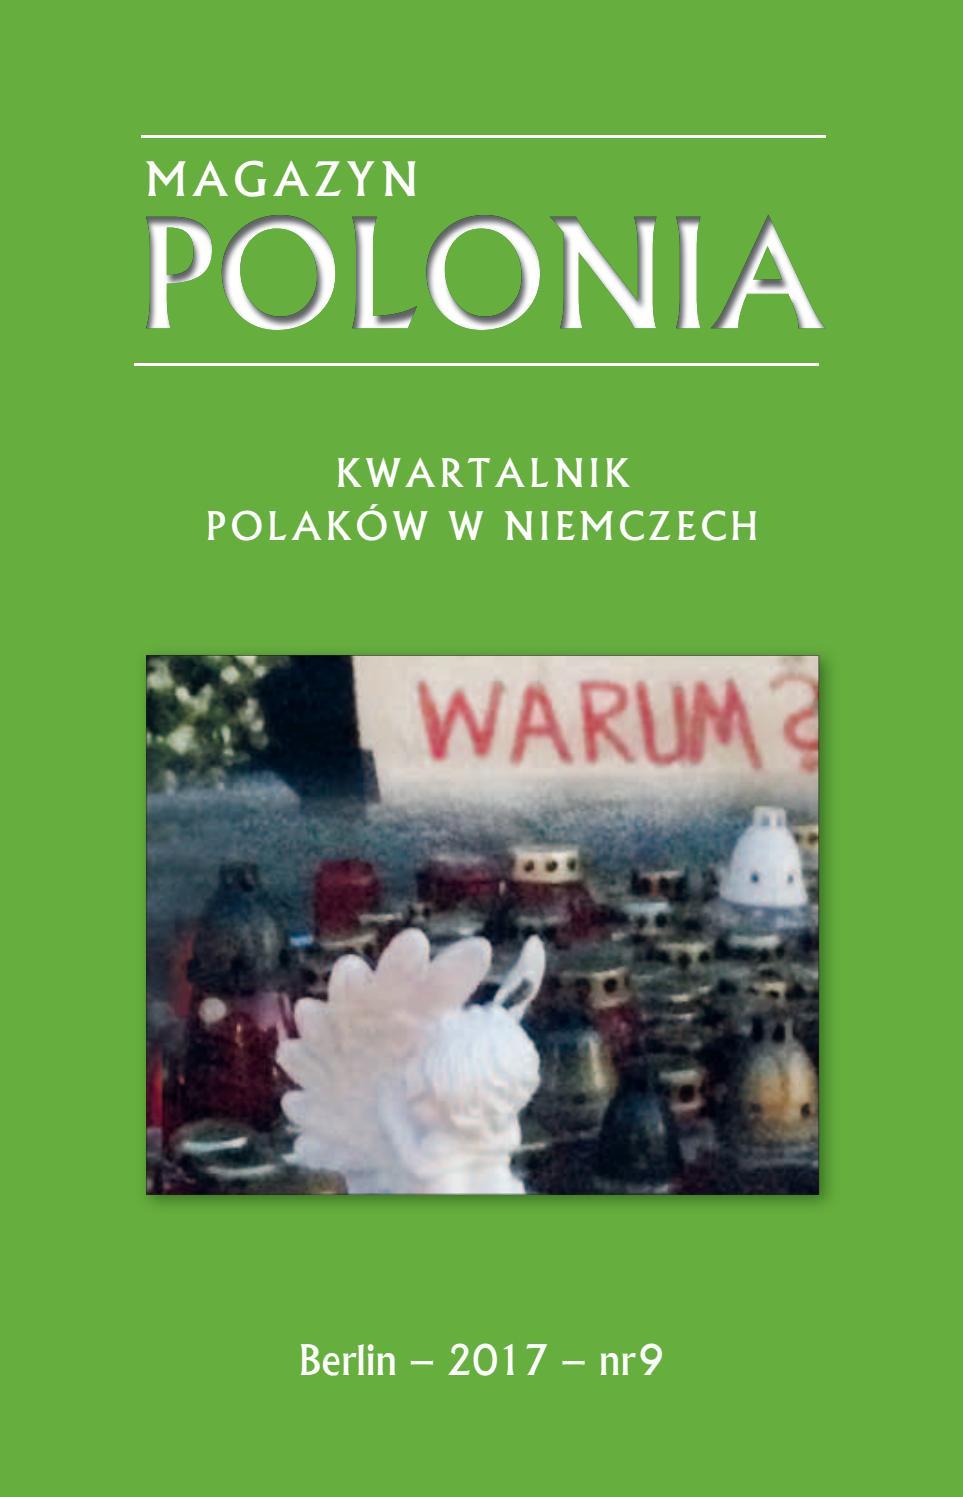 98df00524b Kwartalnik polonia nr9 by dariusz22 - issuu